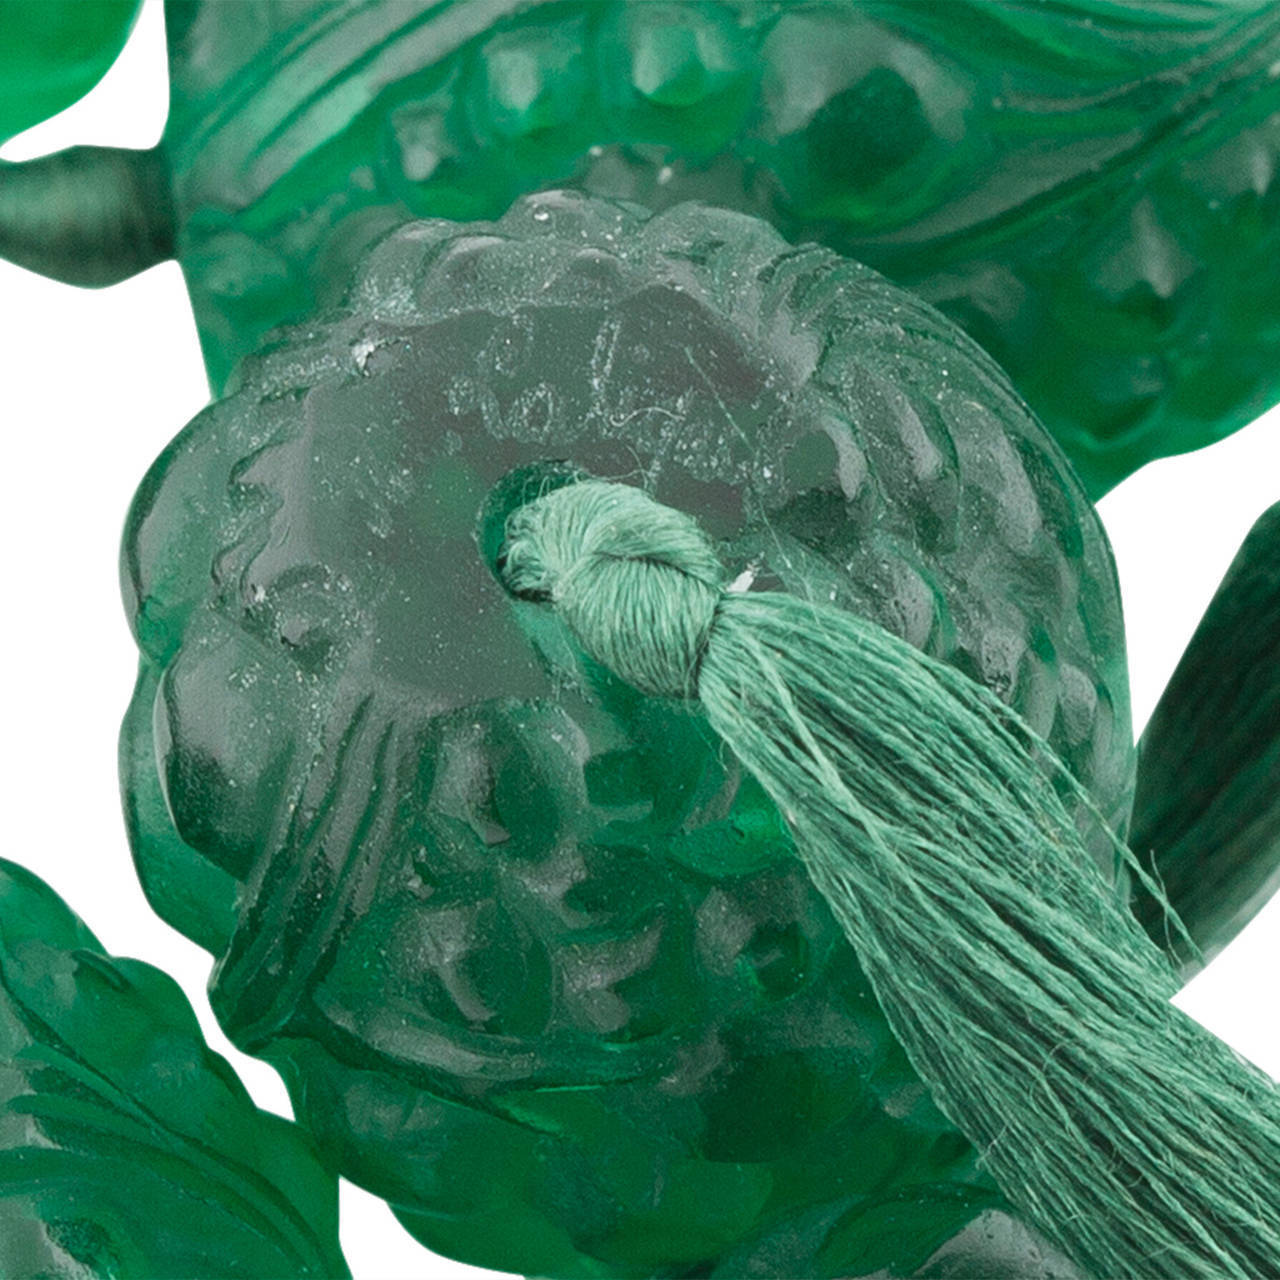 Art Deco 1920s René Emerald Green Lalique Grosses Graines Bead Necklace For Sale